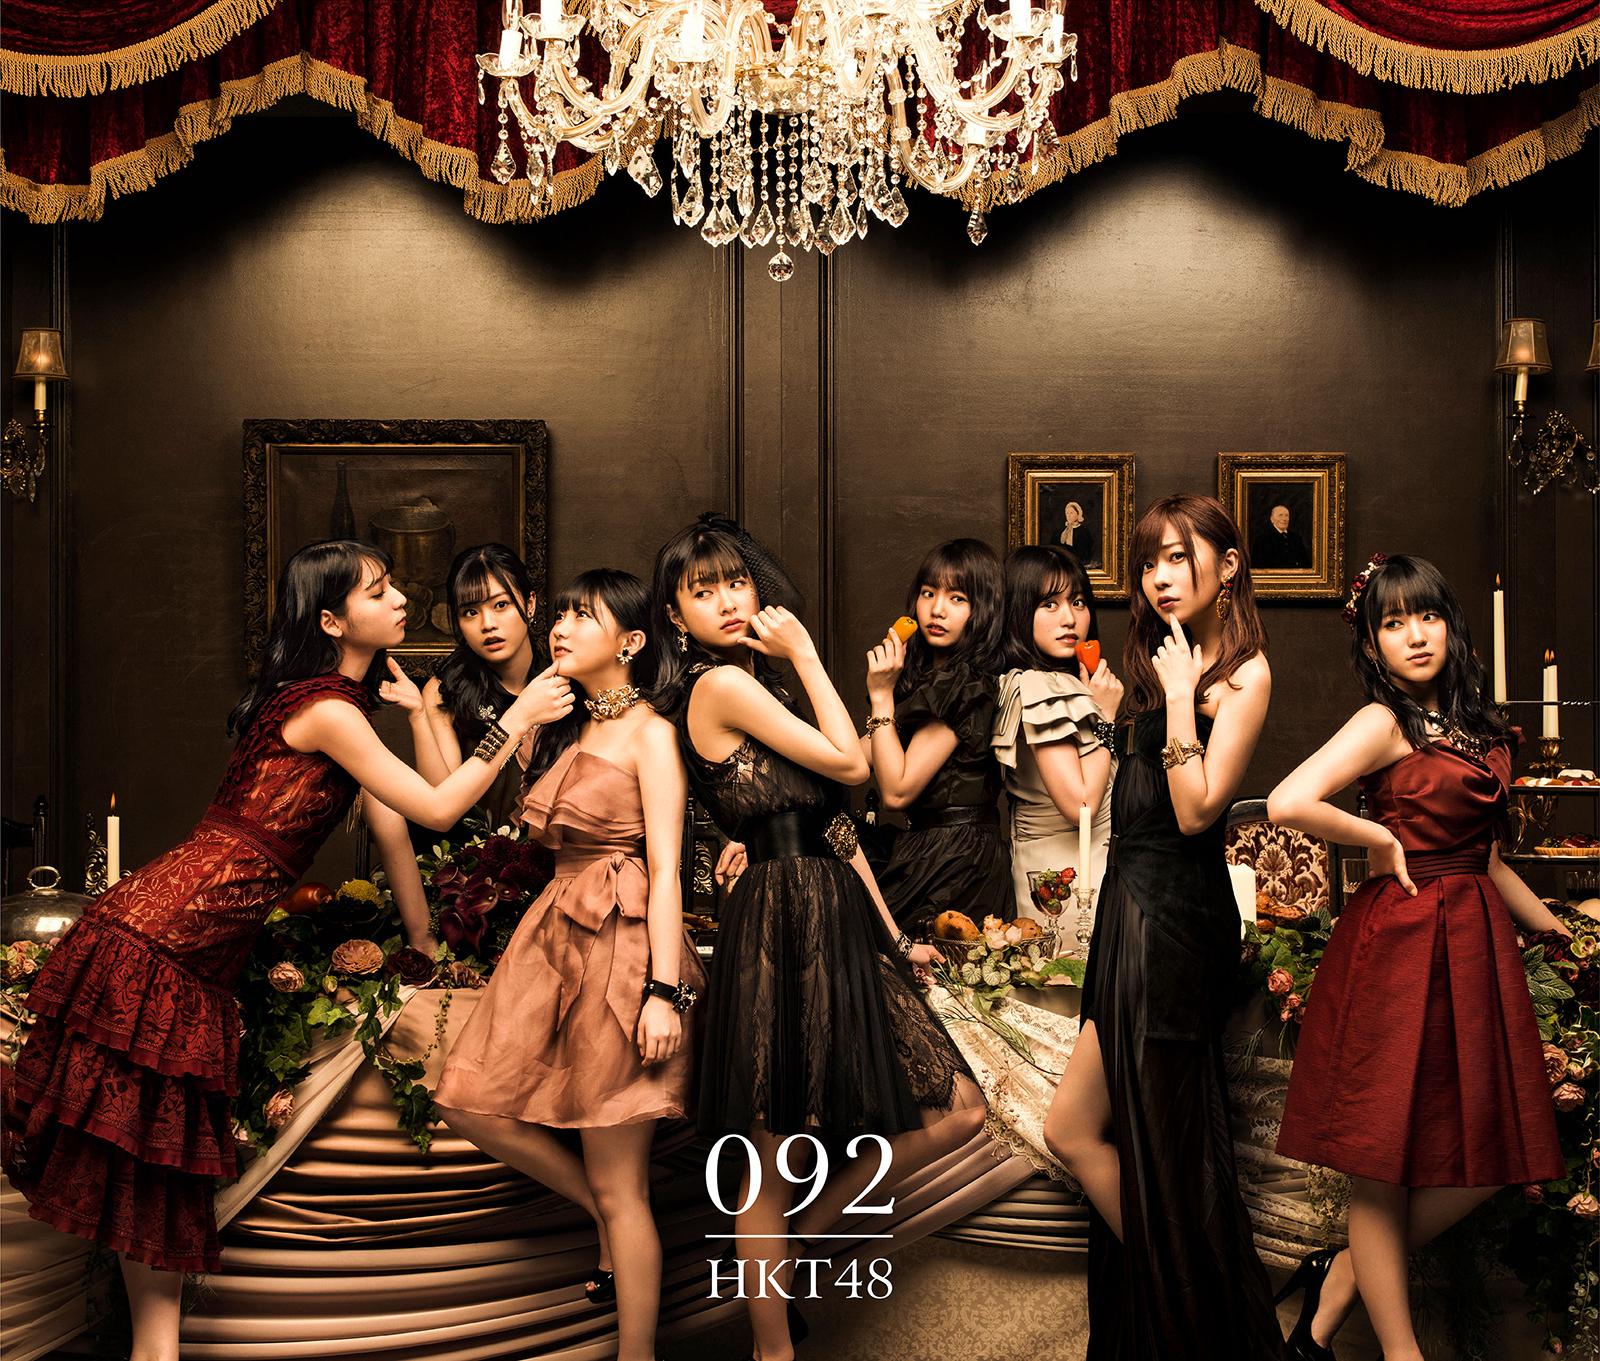 Art Work Japan Hkt48 092